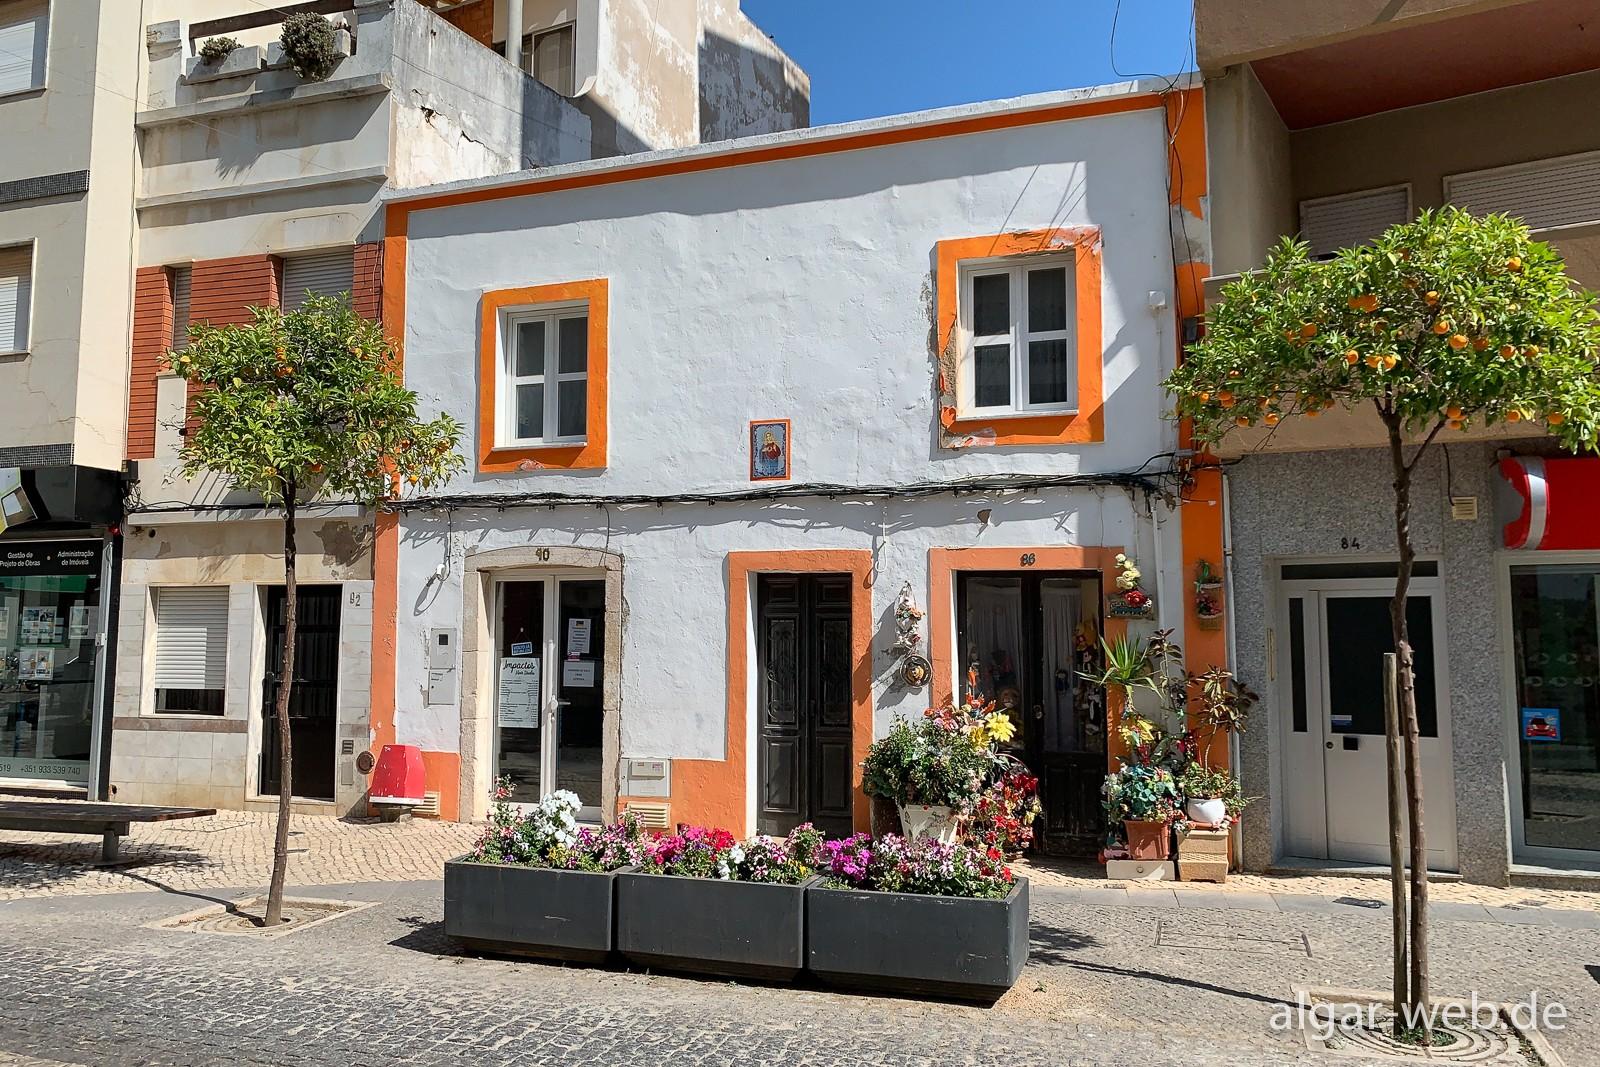 Spaziergang durch die Altstadt von Portimao